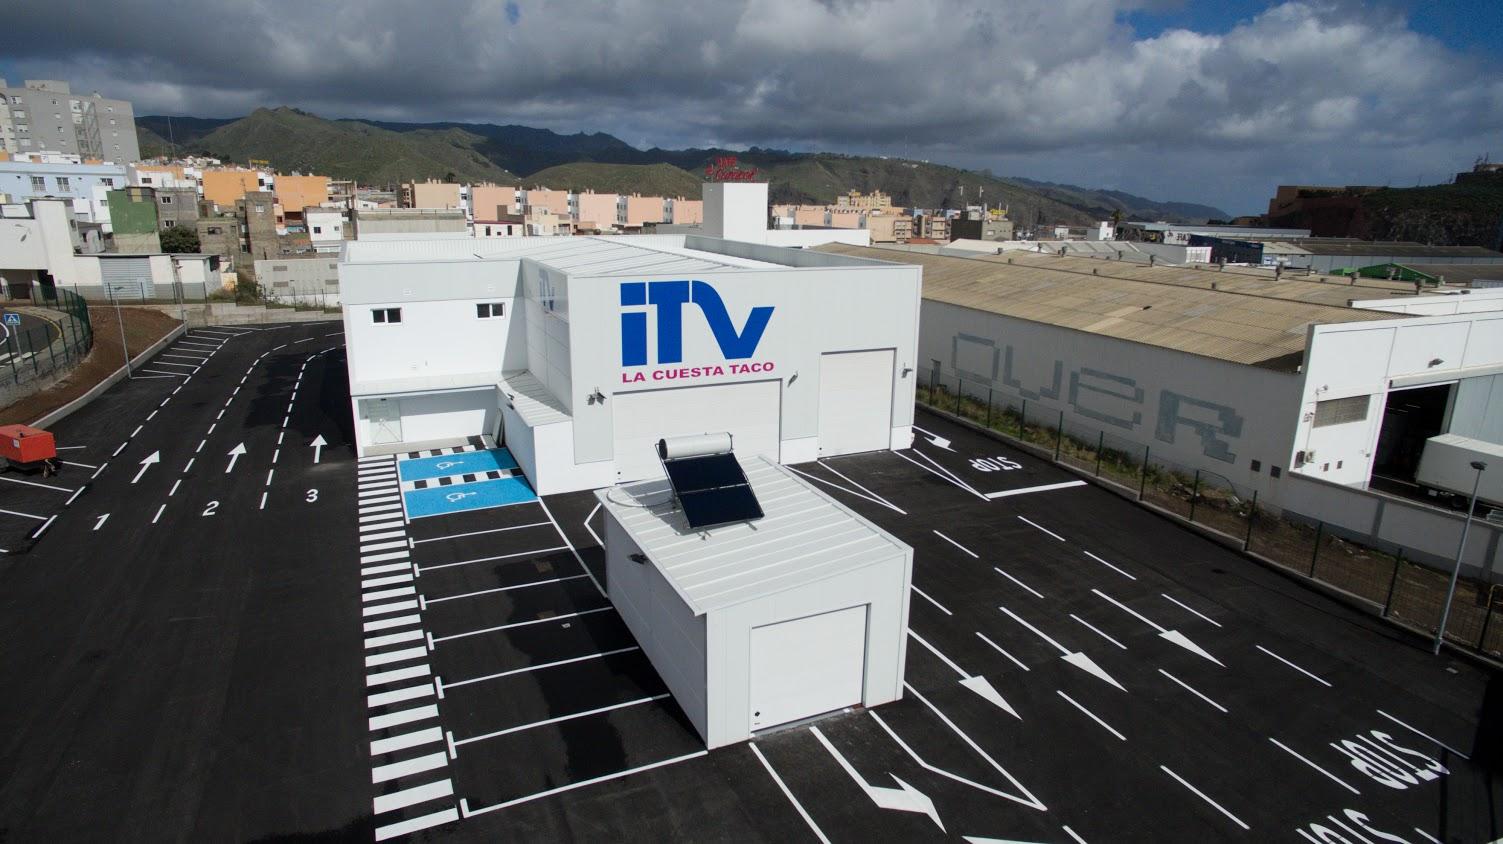 ITV Sant Joan Despi